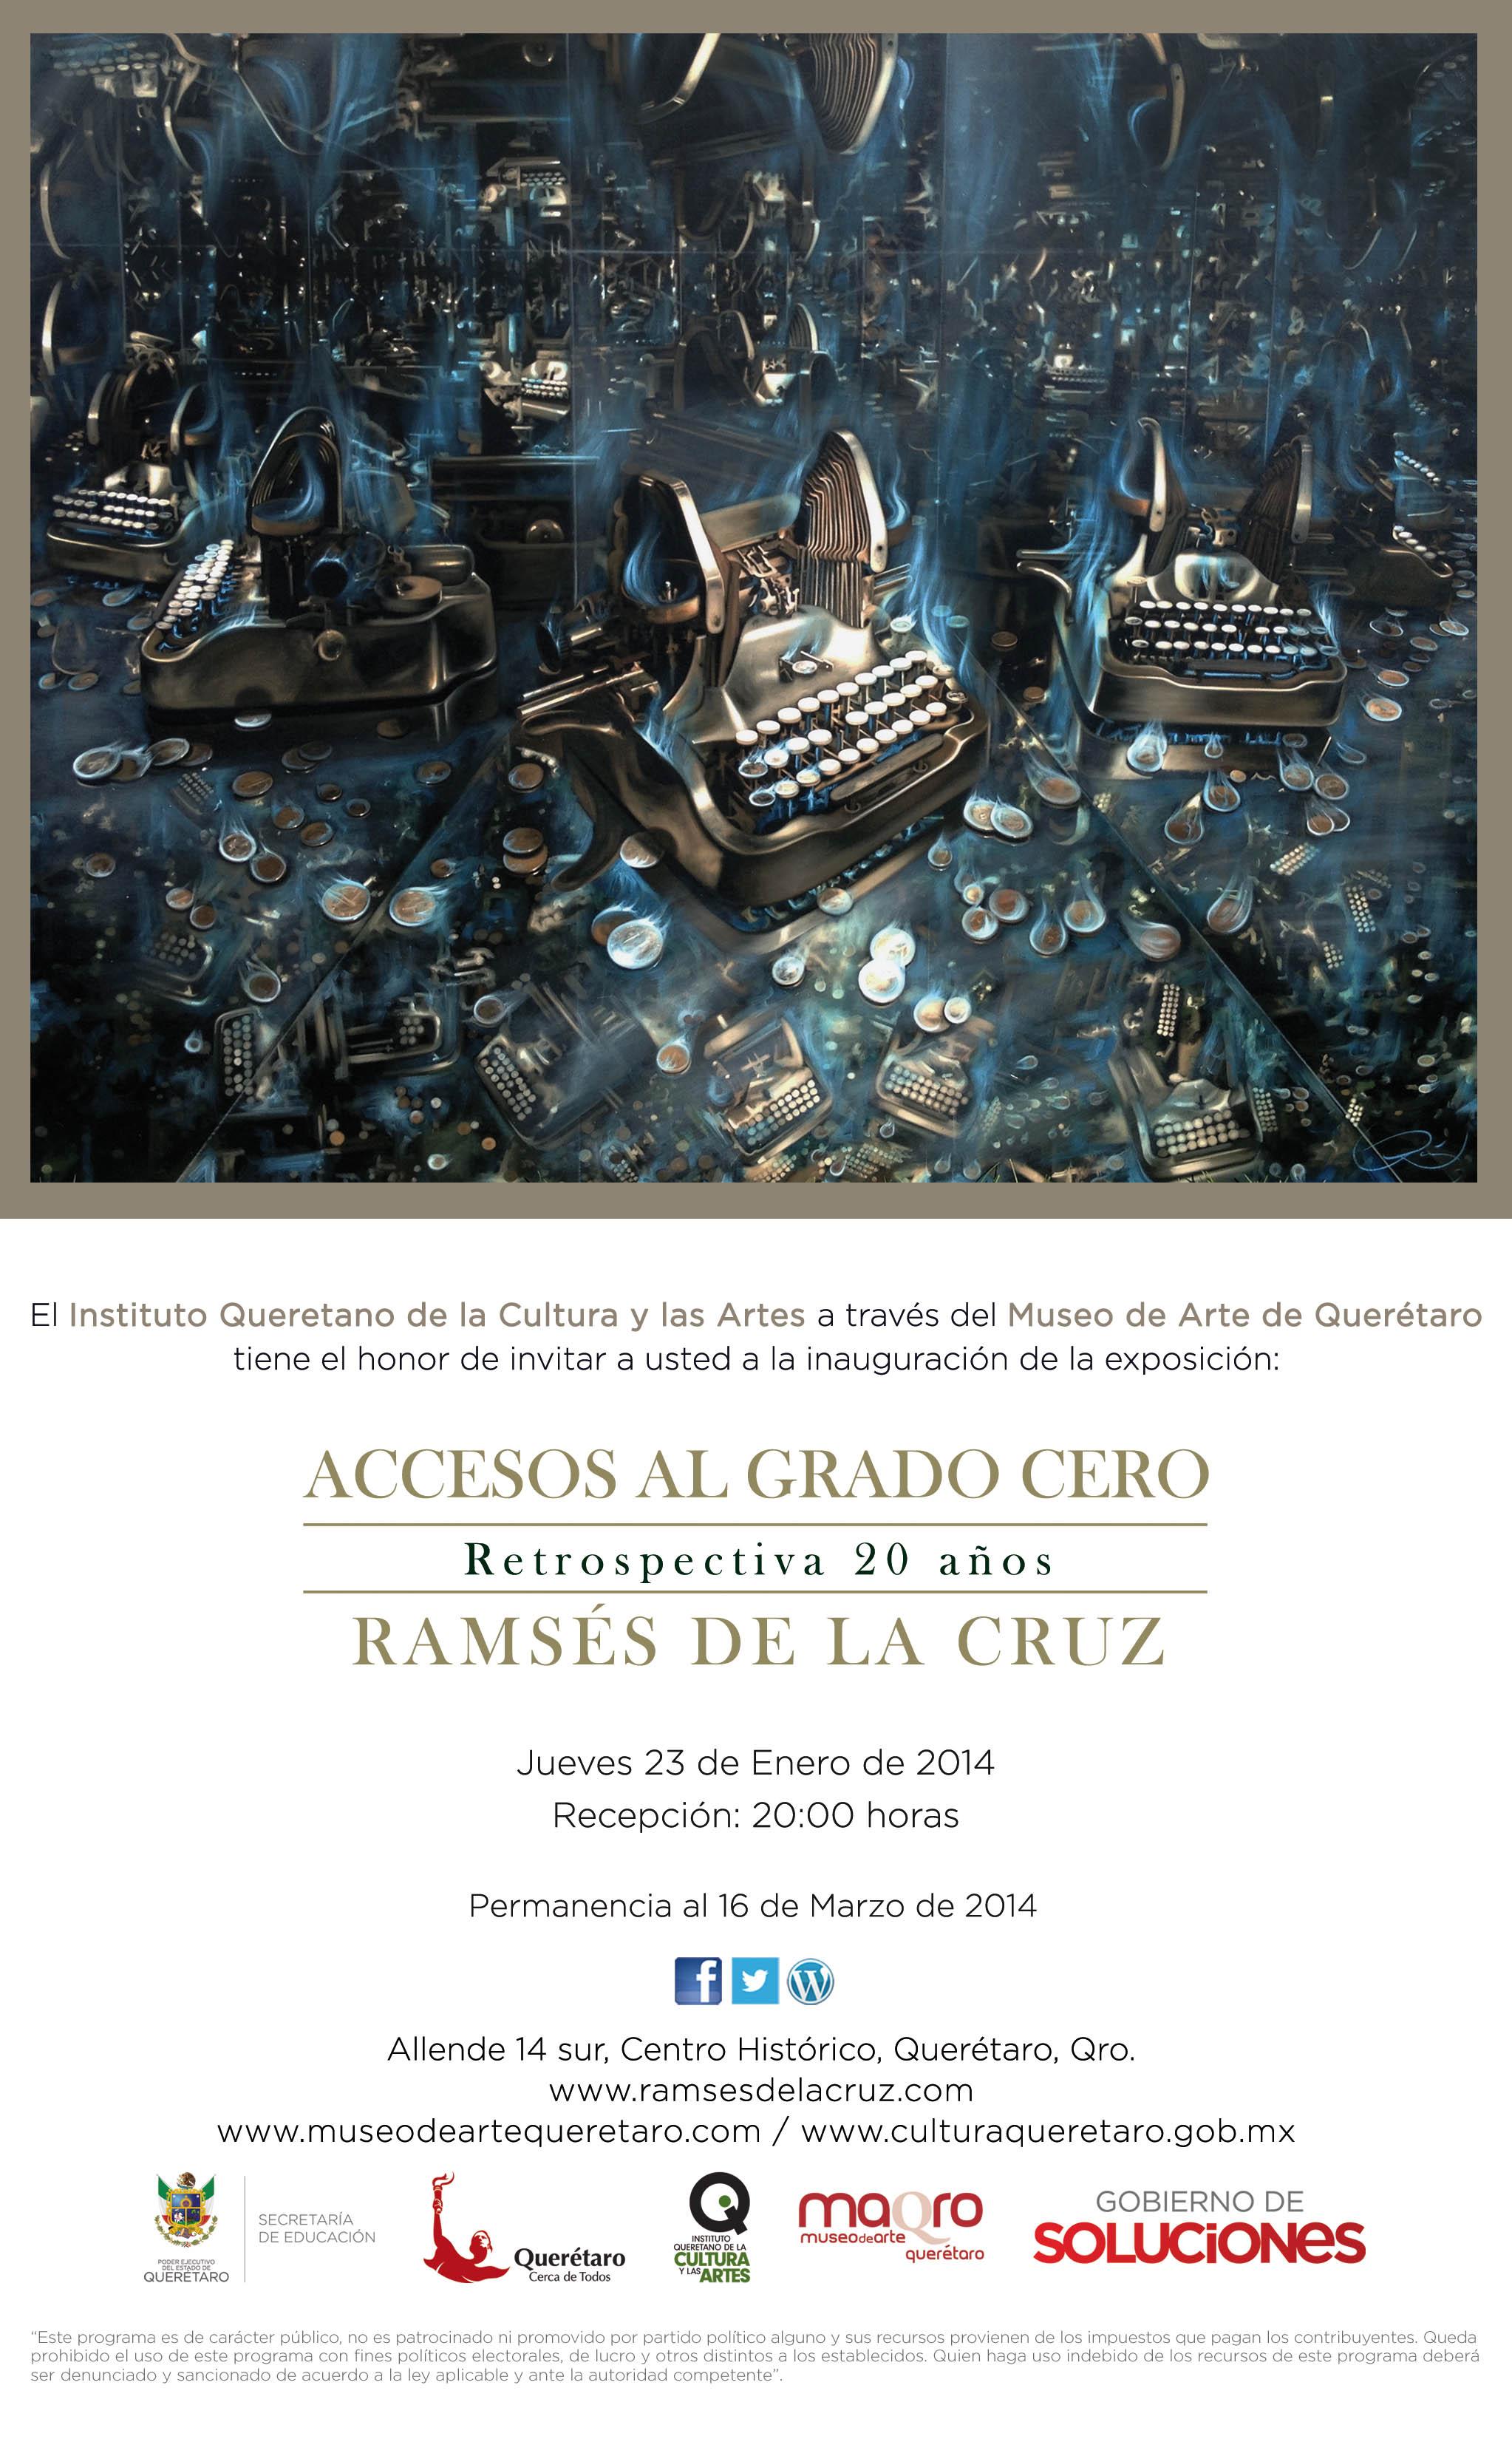 """Exposición en MAQRO: """"Accesos al Grado Cero"""" de Ramsés de la Cruz"""